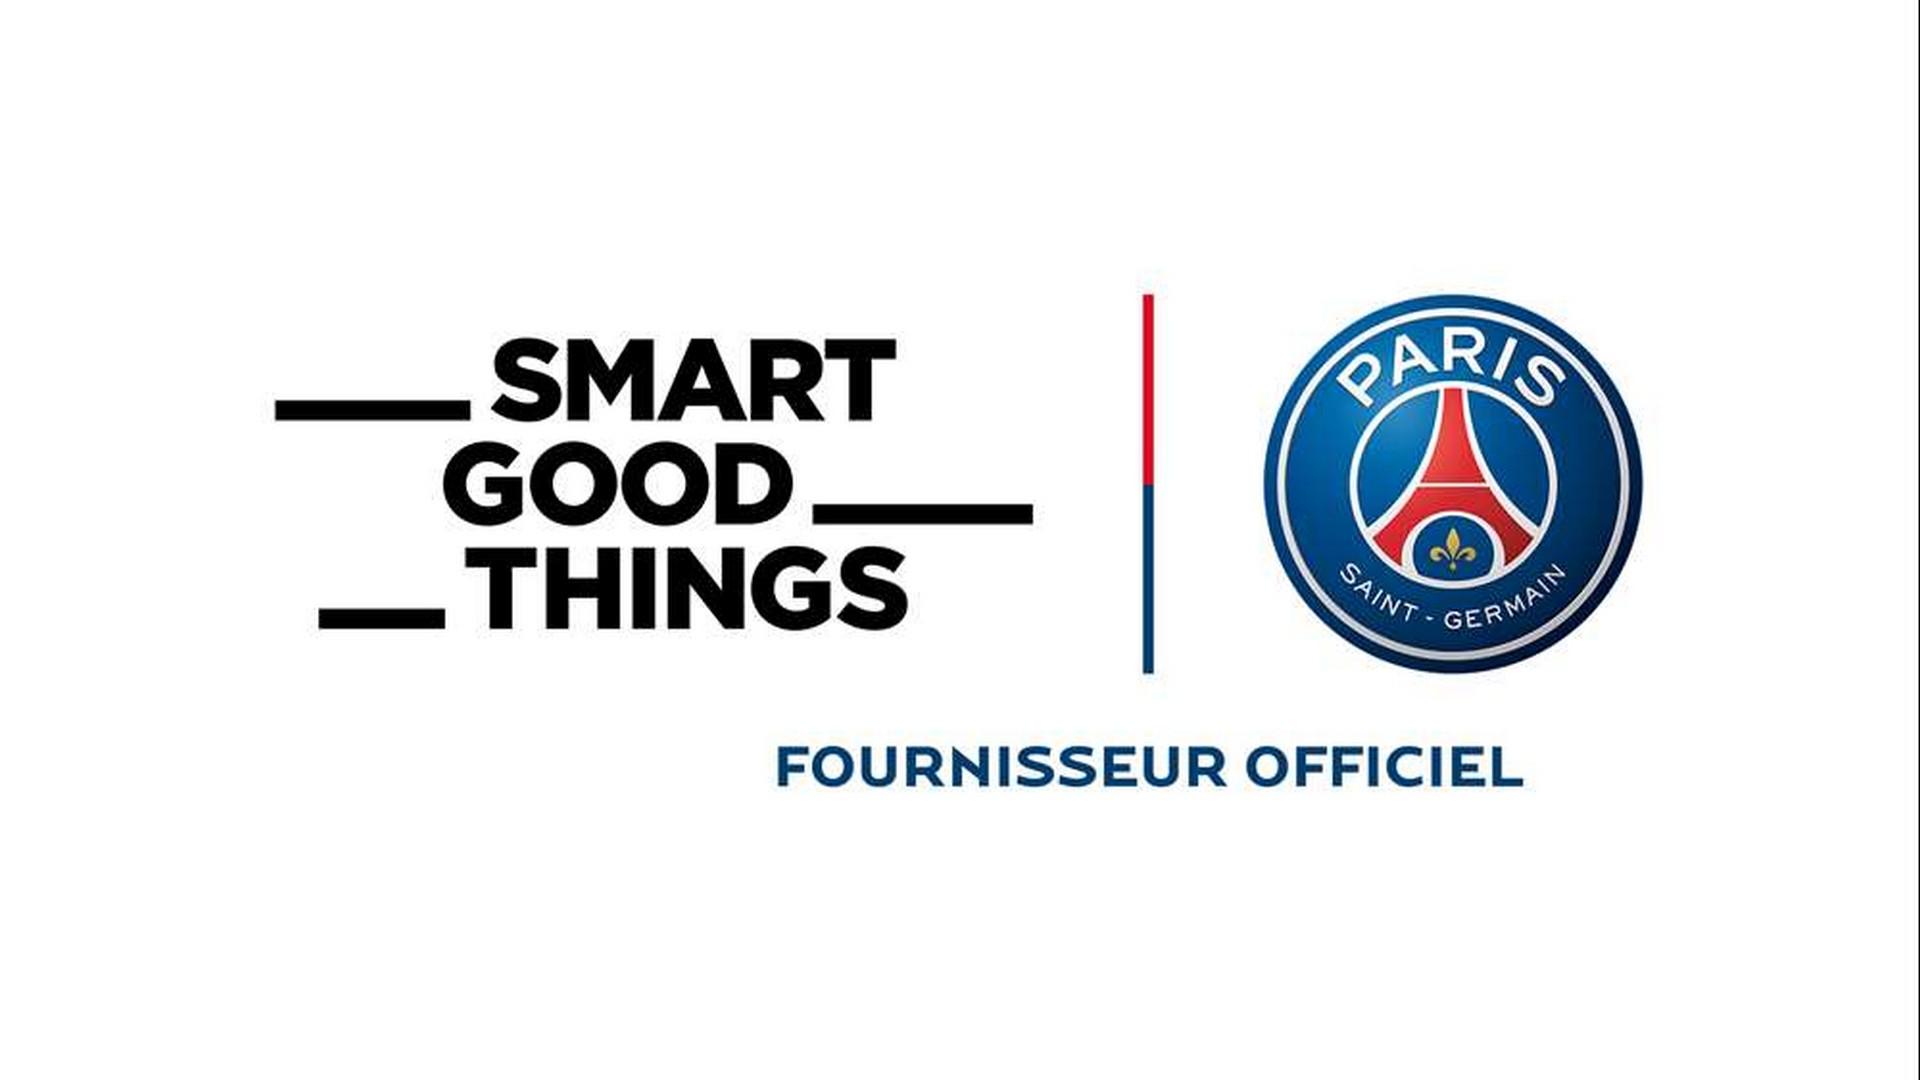 Smart Good Things x Paris Saint Germain (football) 2021